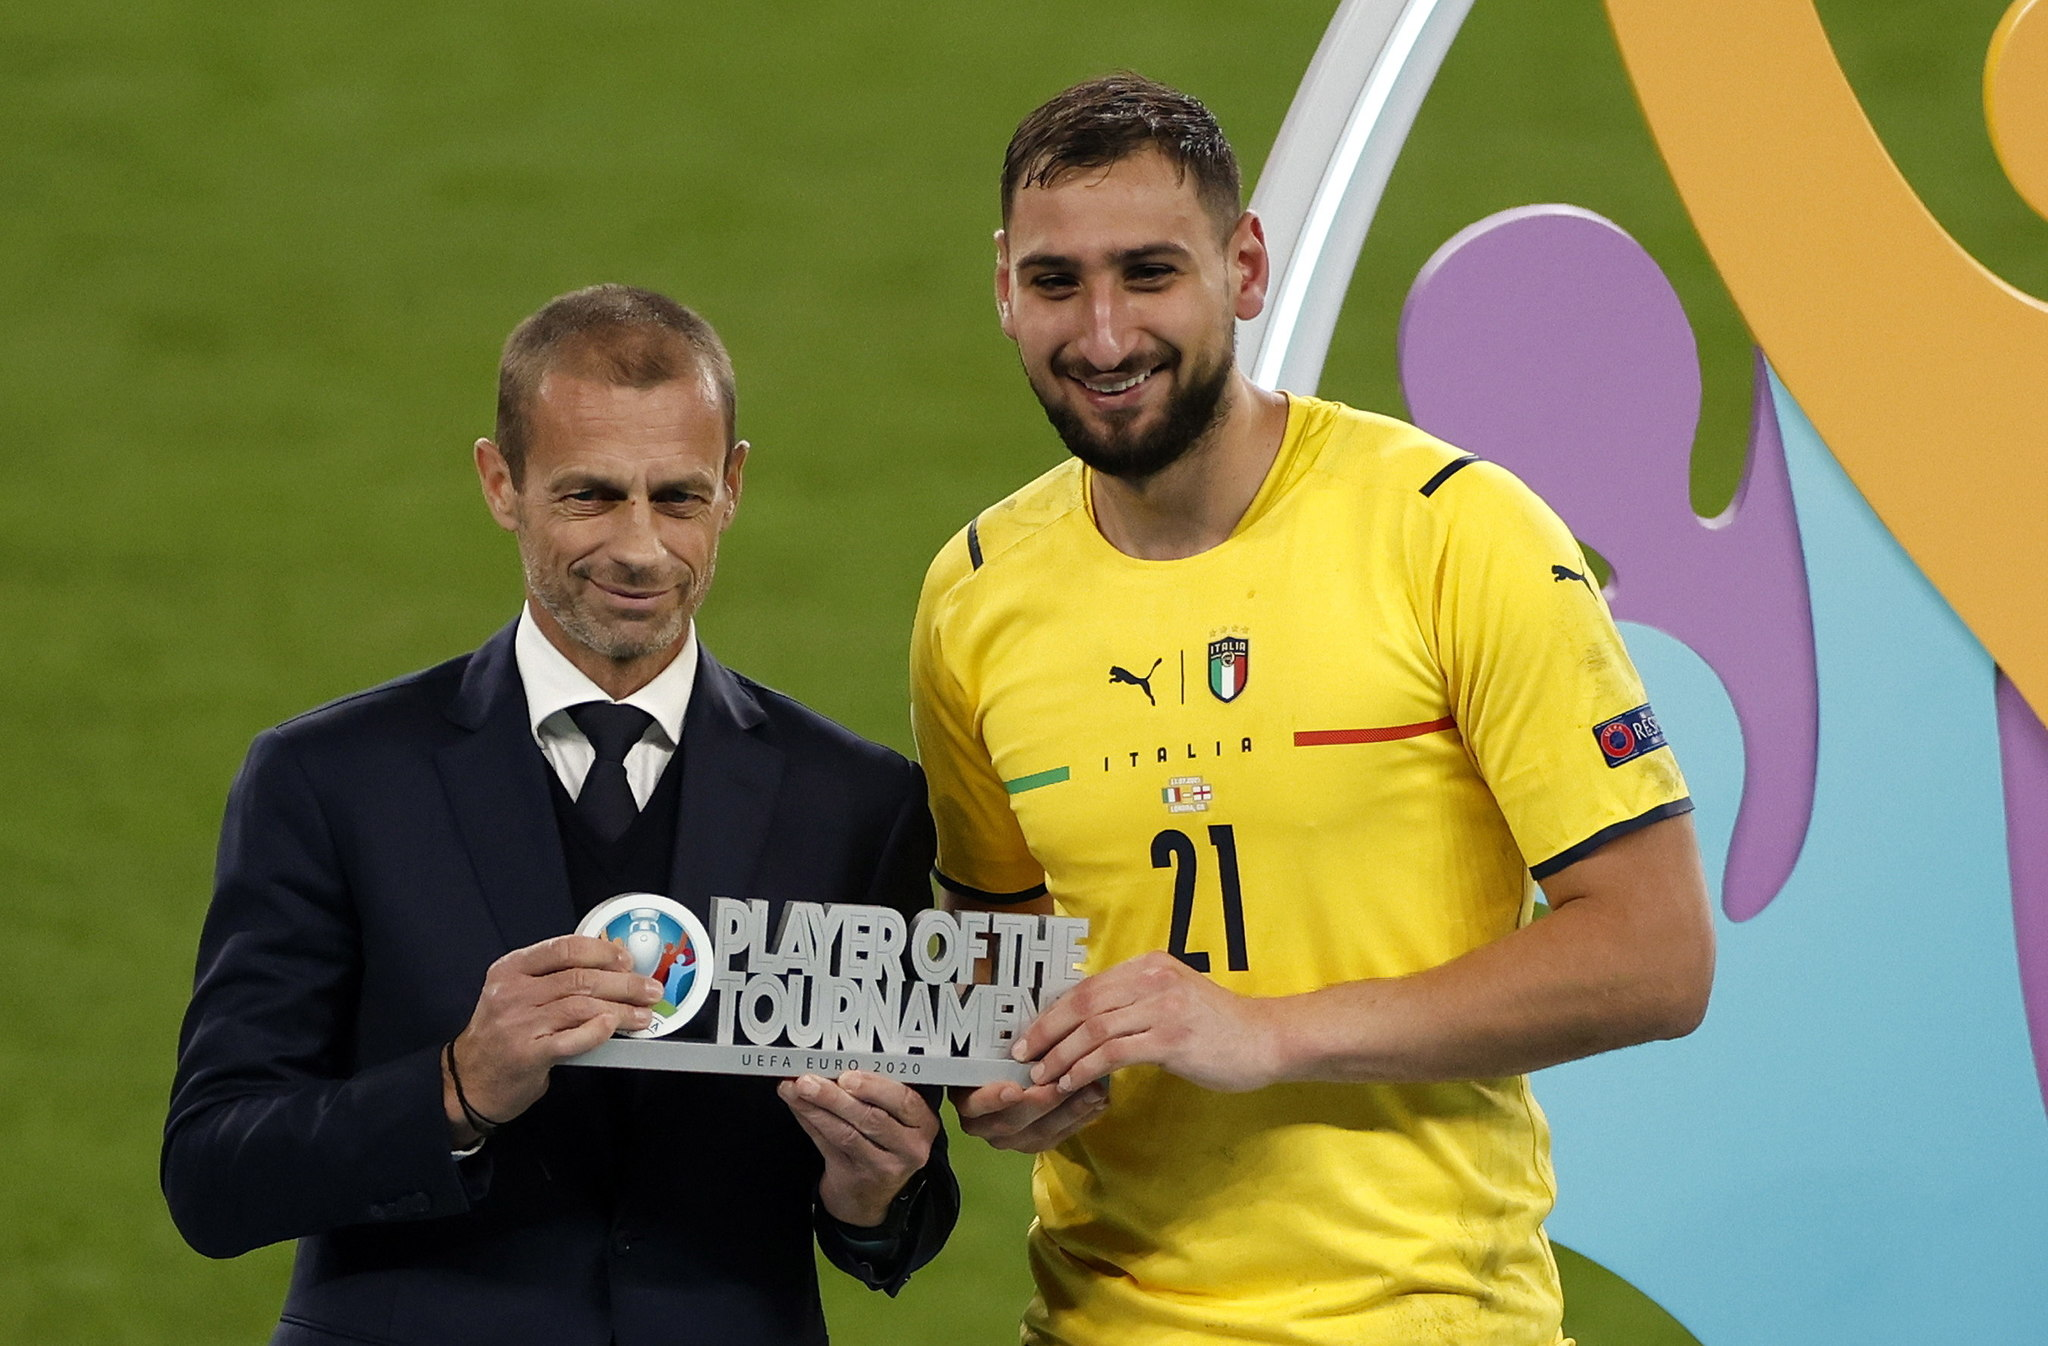 Gianluigi Donnarumma receives the Player of the Tournament award